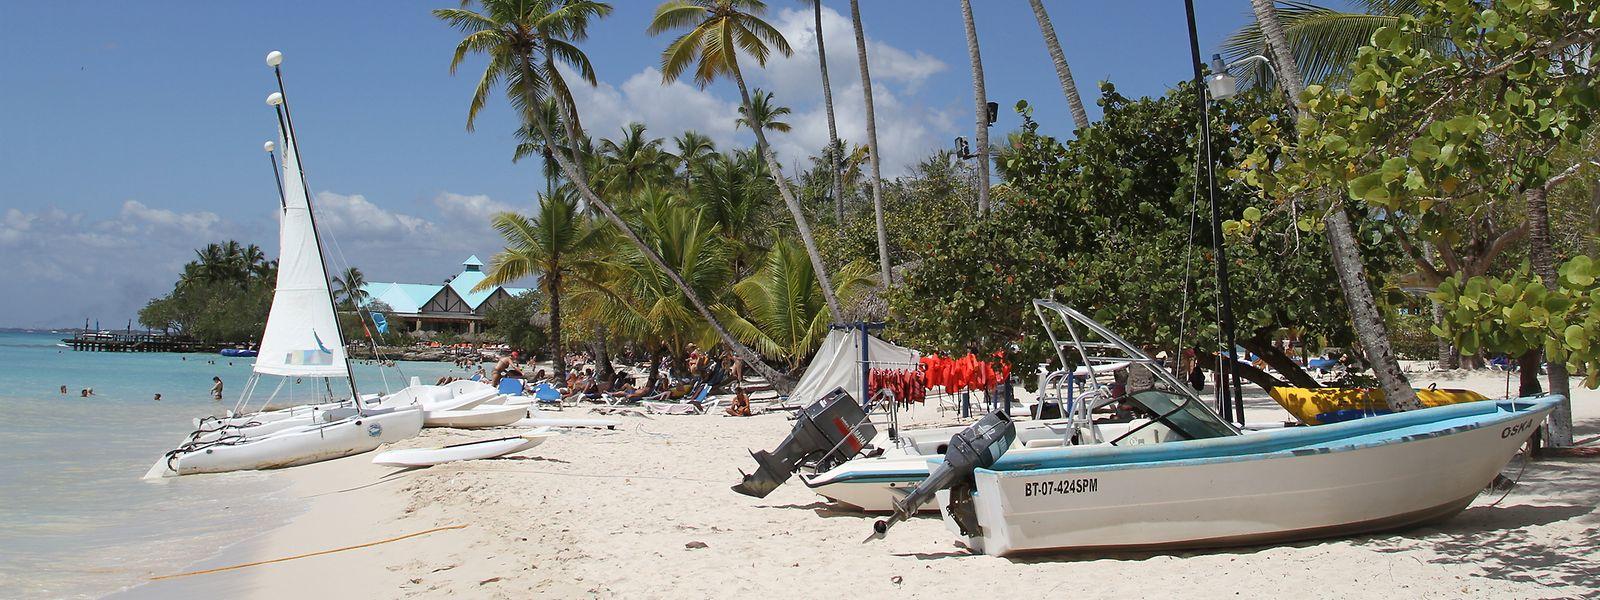 Die Dominikanische Republik ist ein beliebtes Reiseziel.